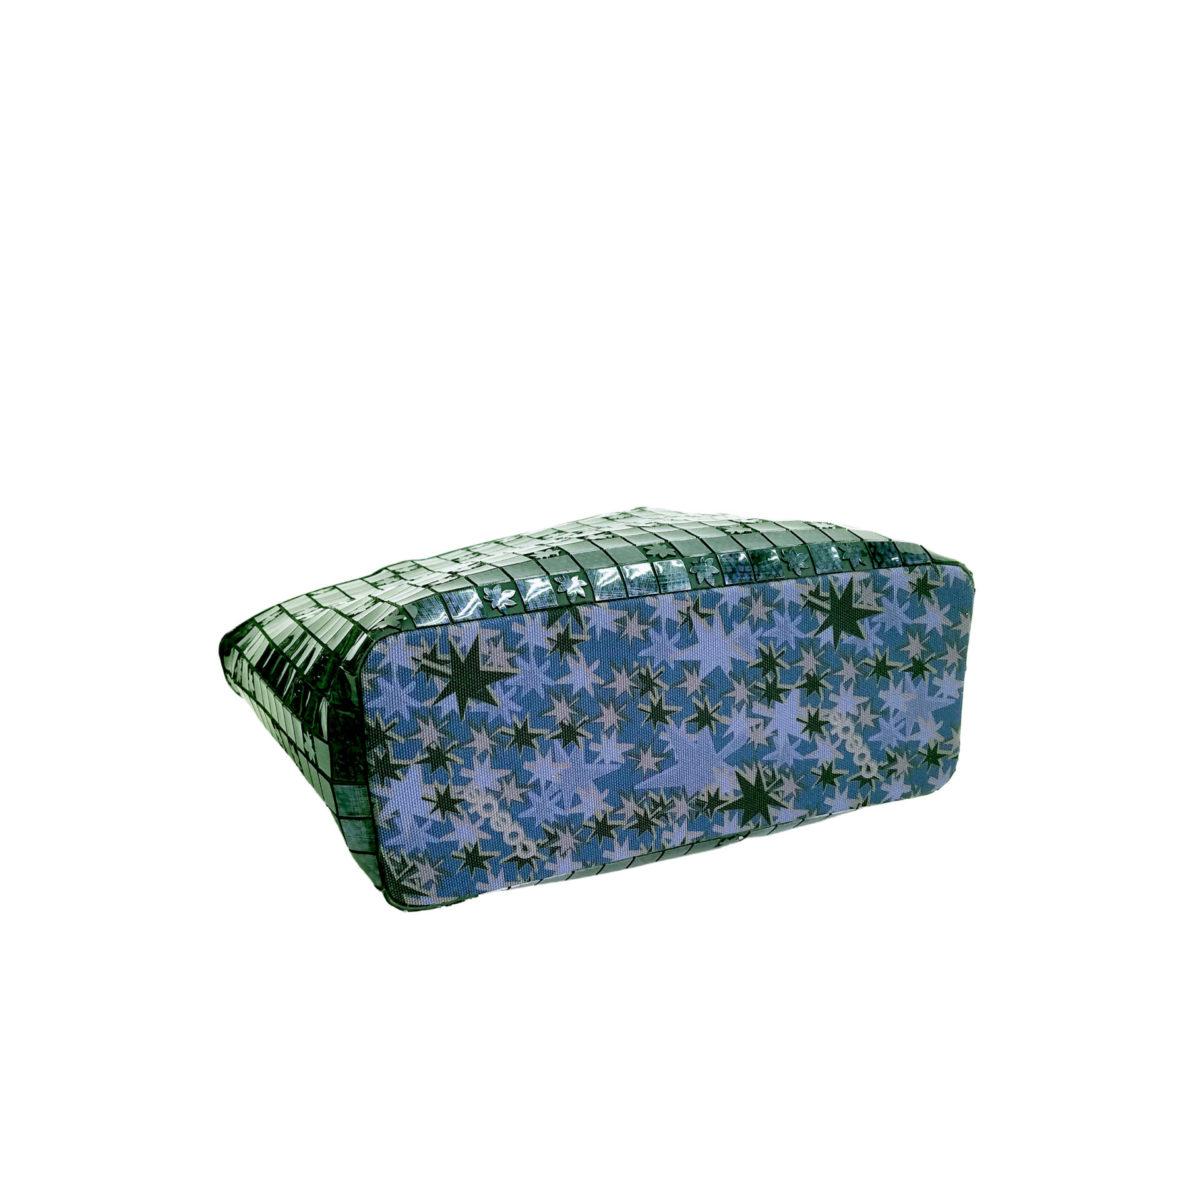 京都限定のELISIR caede KYOTO | エリシアカエデ京都のバッグシリーズ MISTO